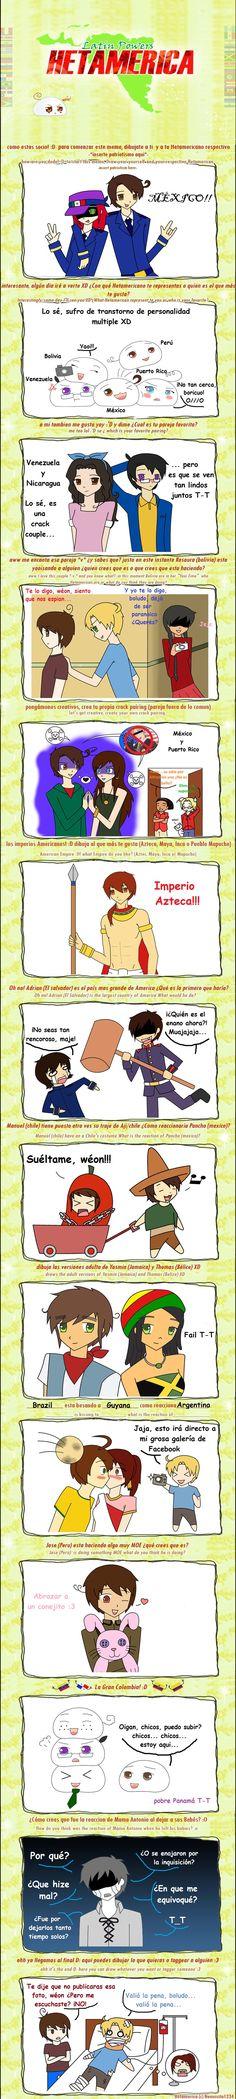 Otro Hetamerica meme by sayuri12moonlight.deviantart.com on @deviantART